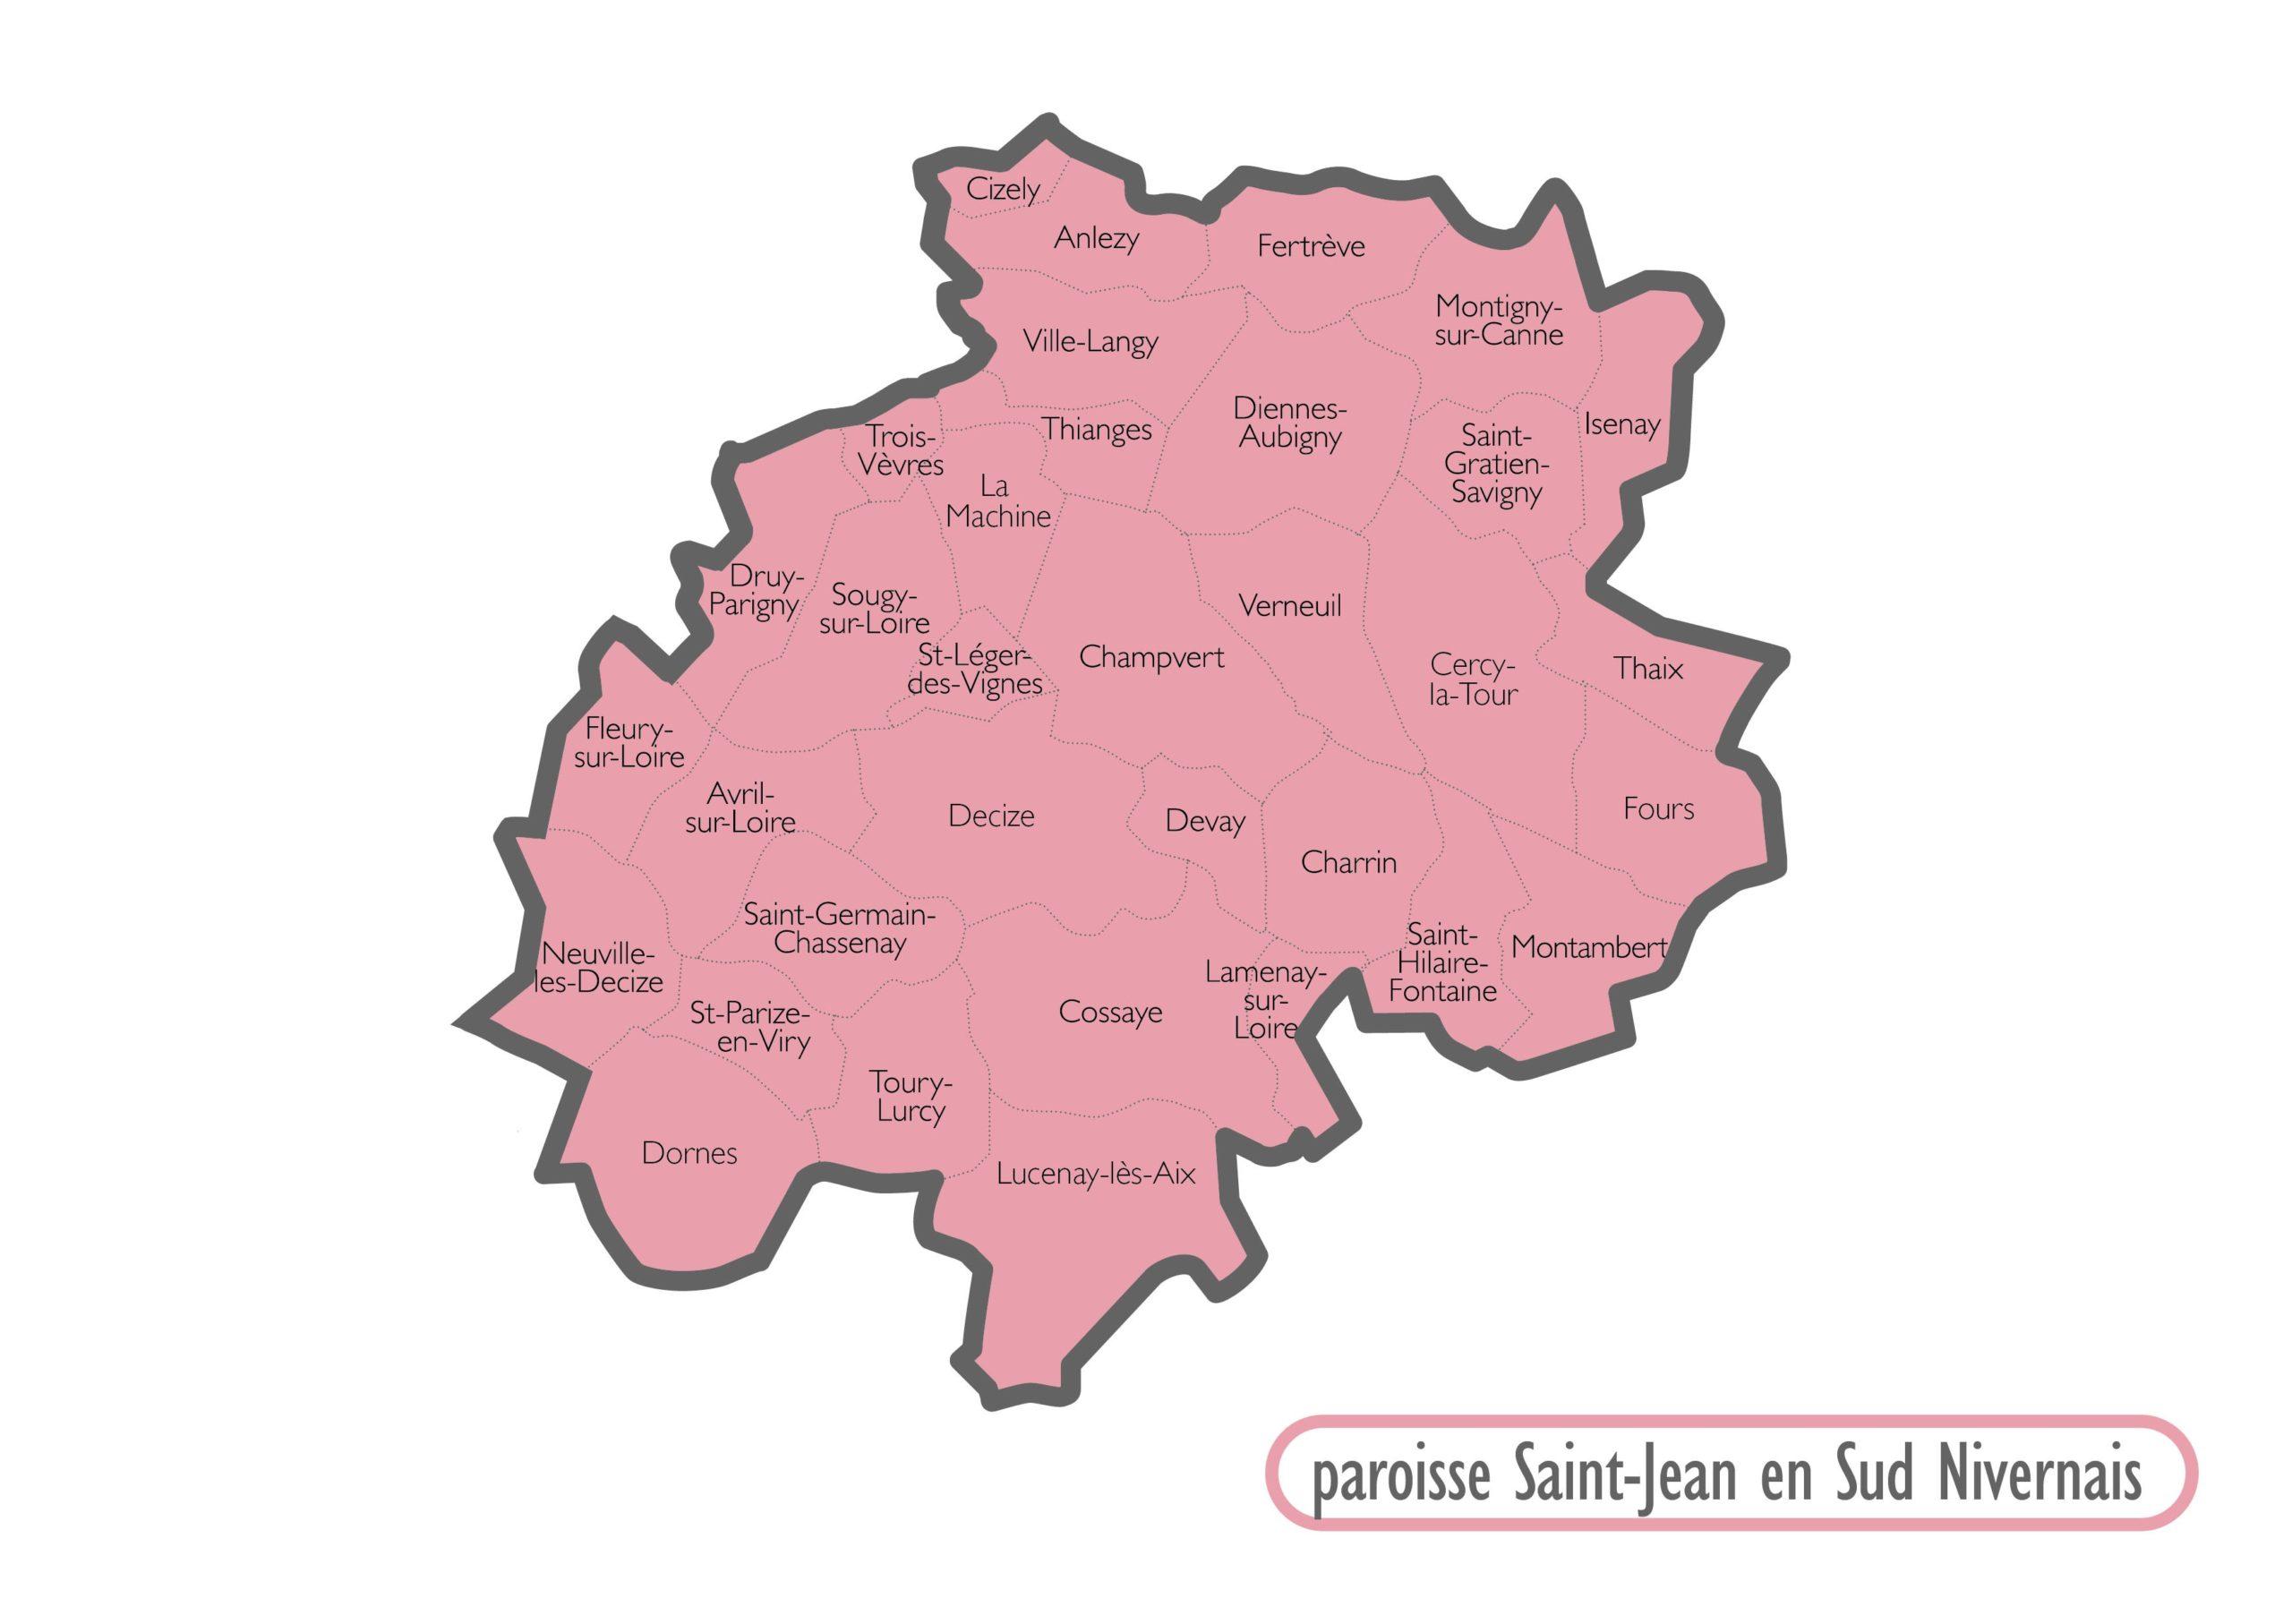 paroisse-saint-jean-en-sud-nivernais-scaled